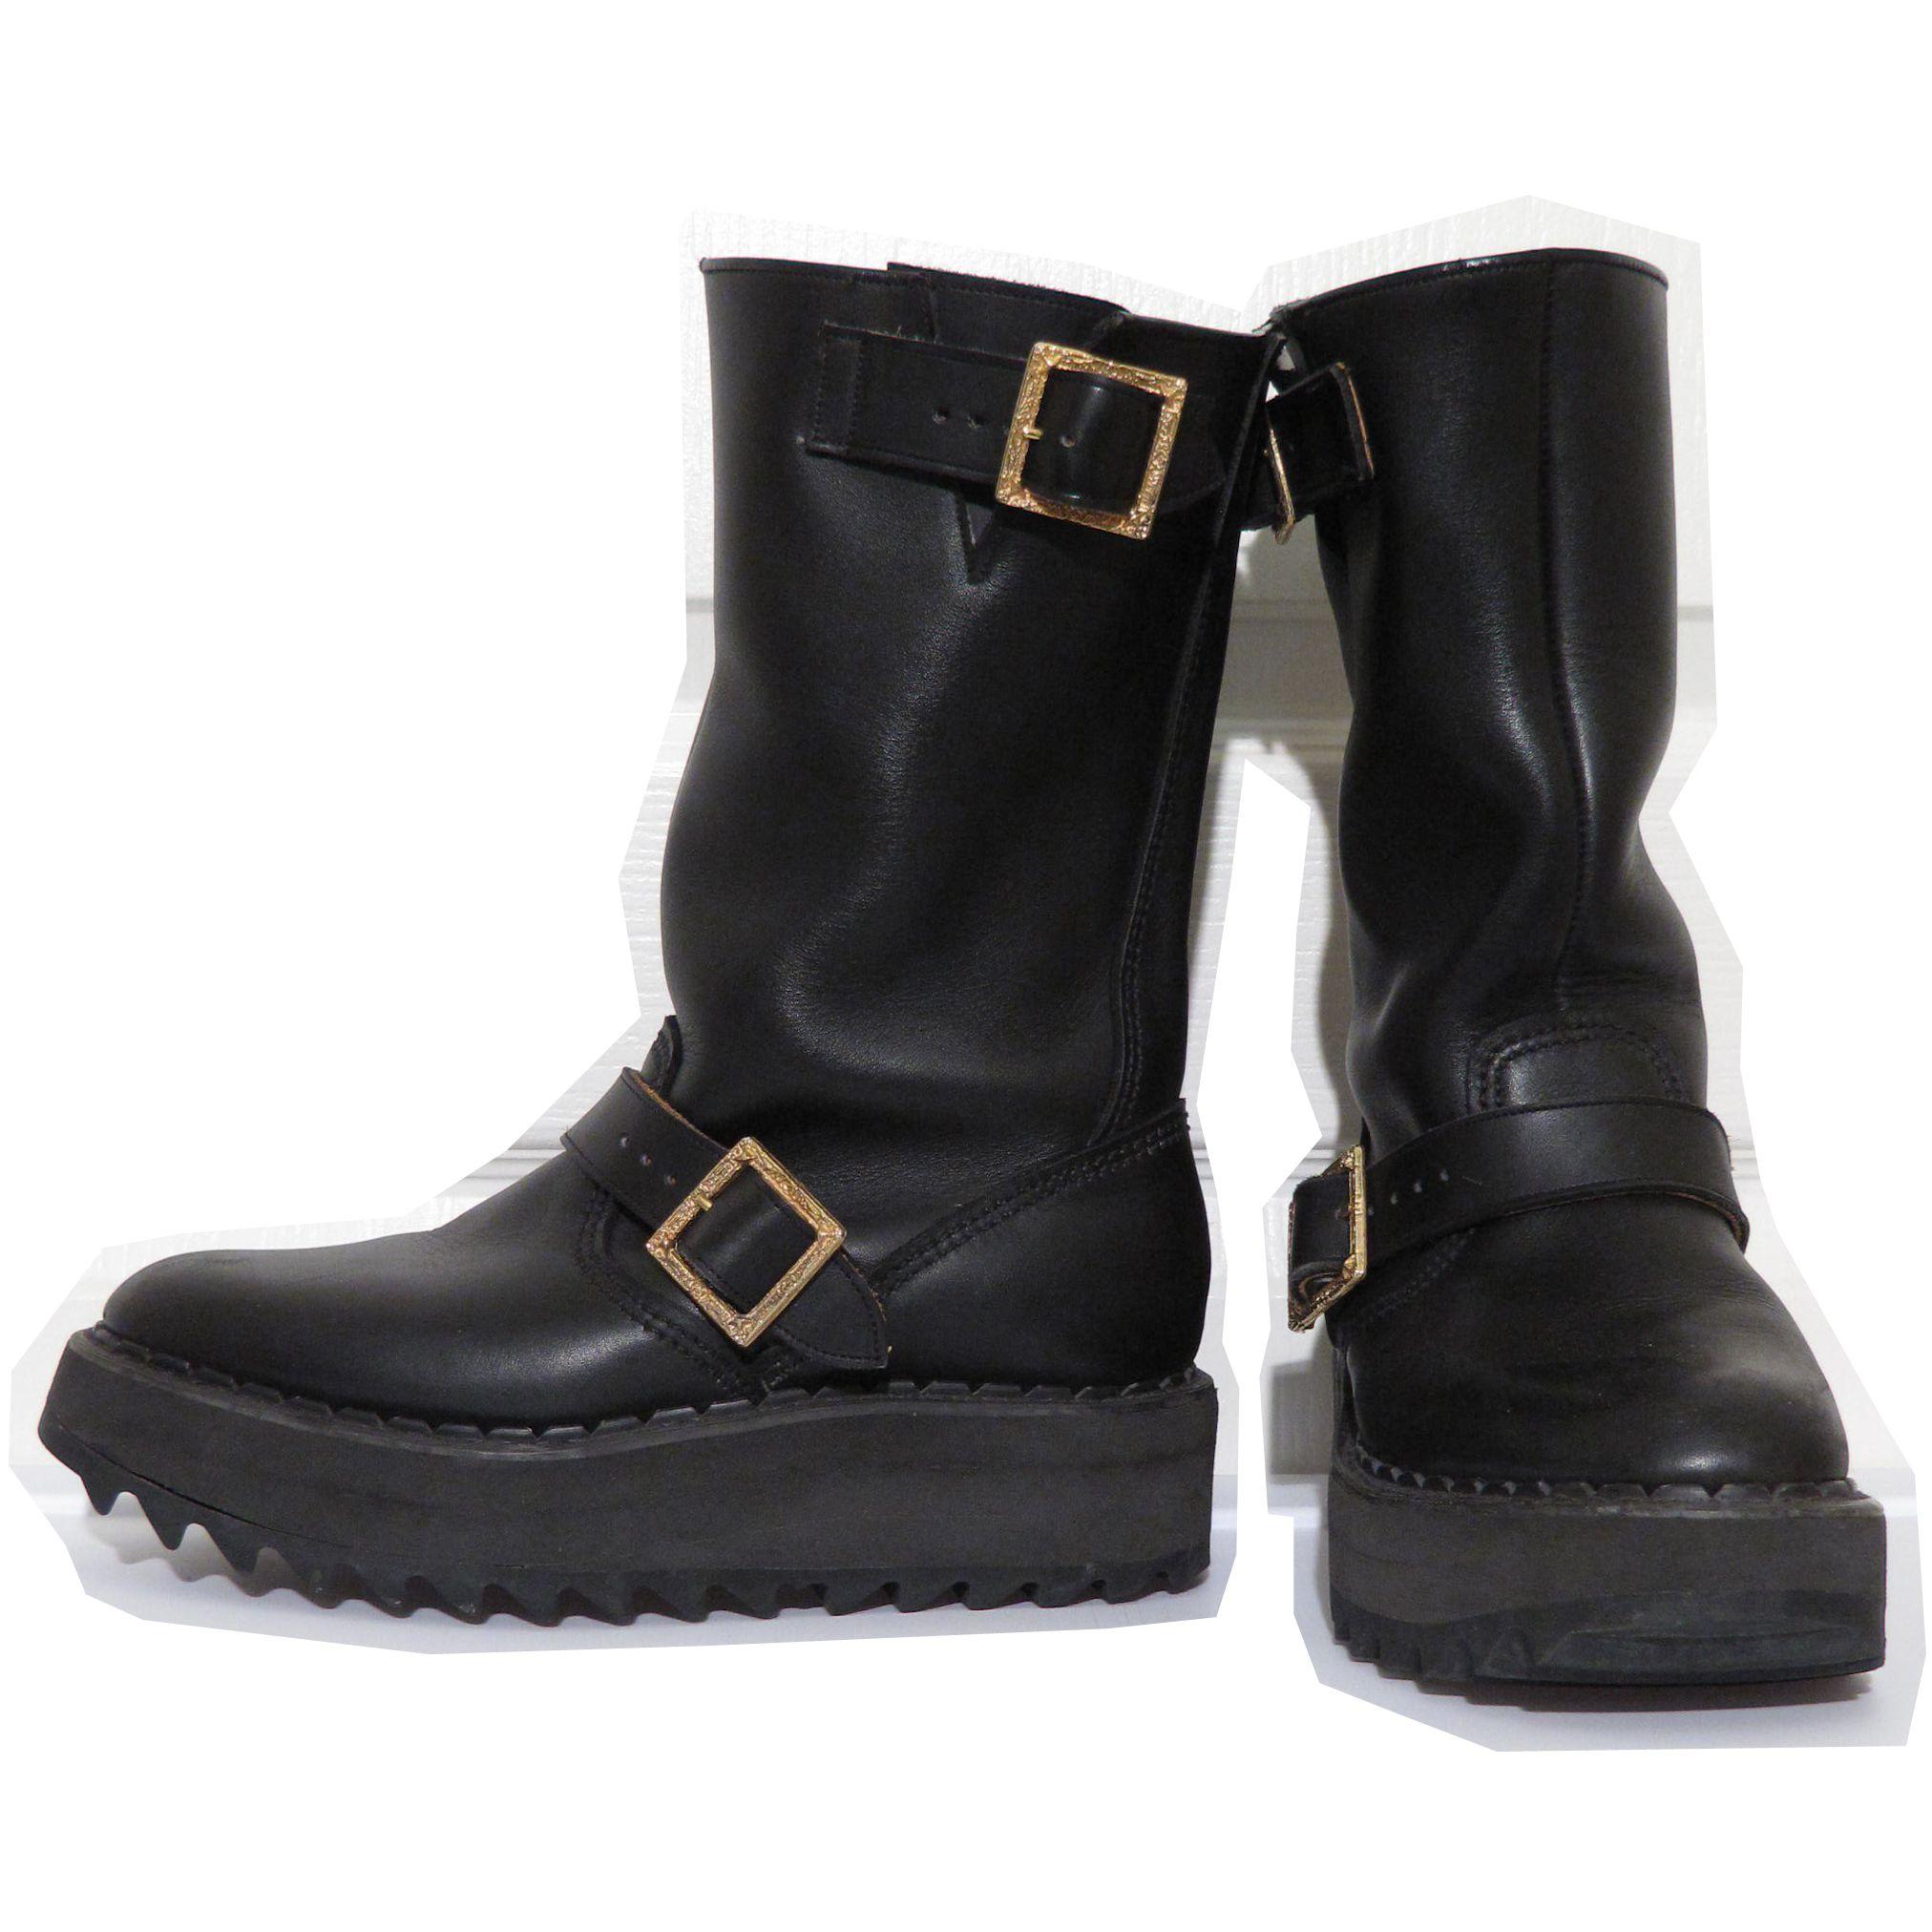 Vivienne Westwood Vintage George Cox Engineer Boots ...